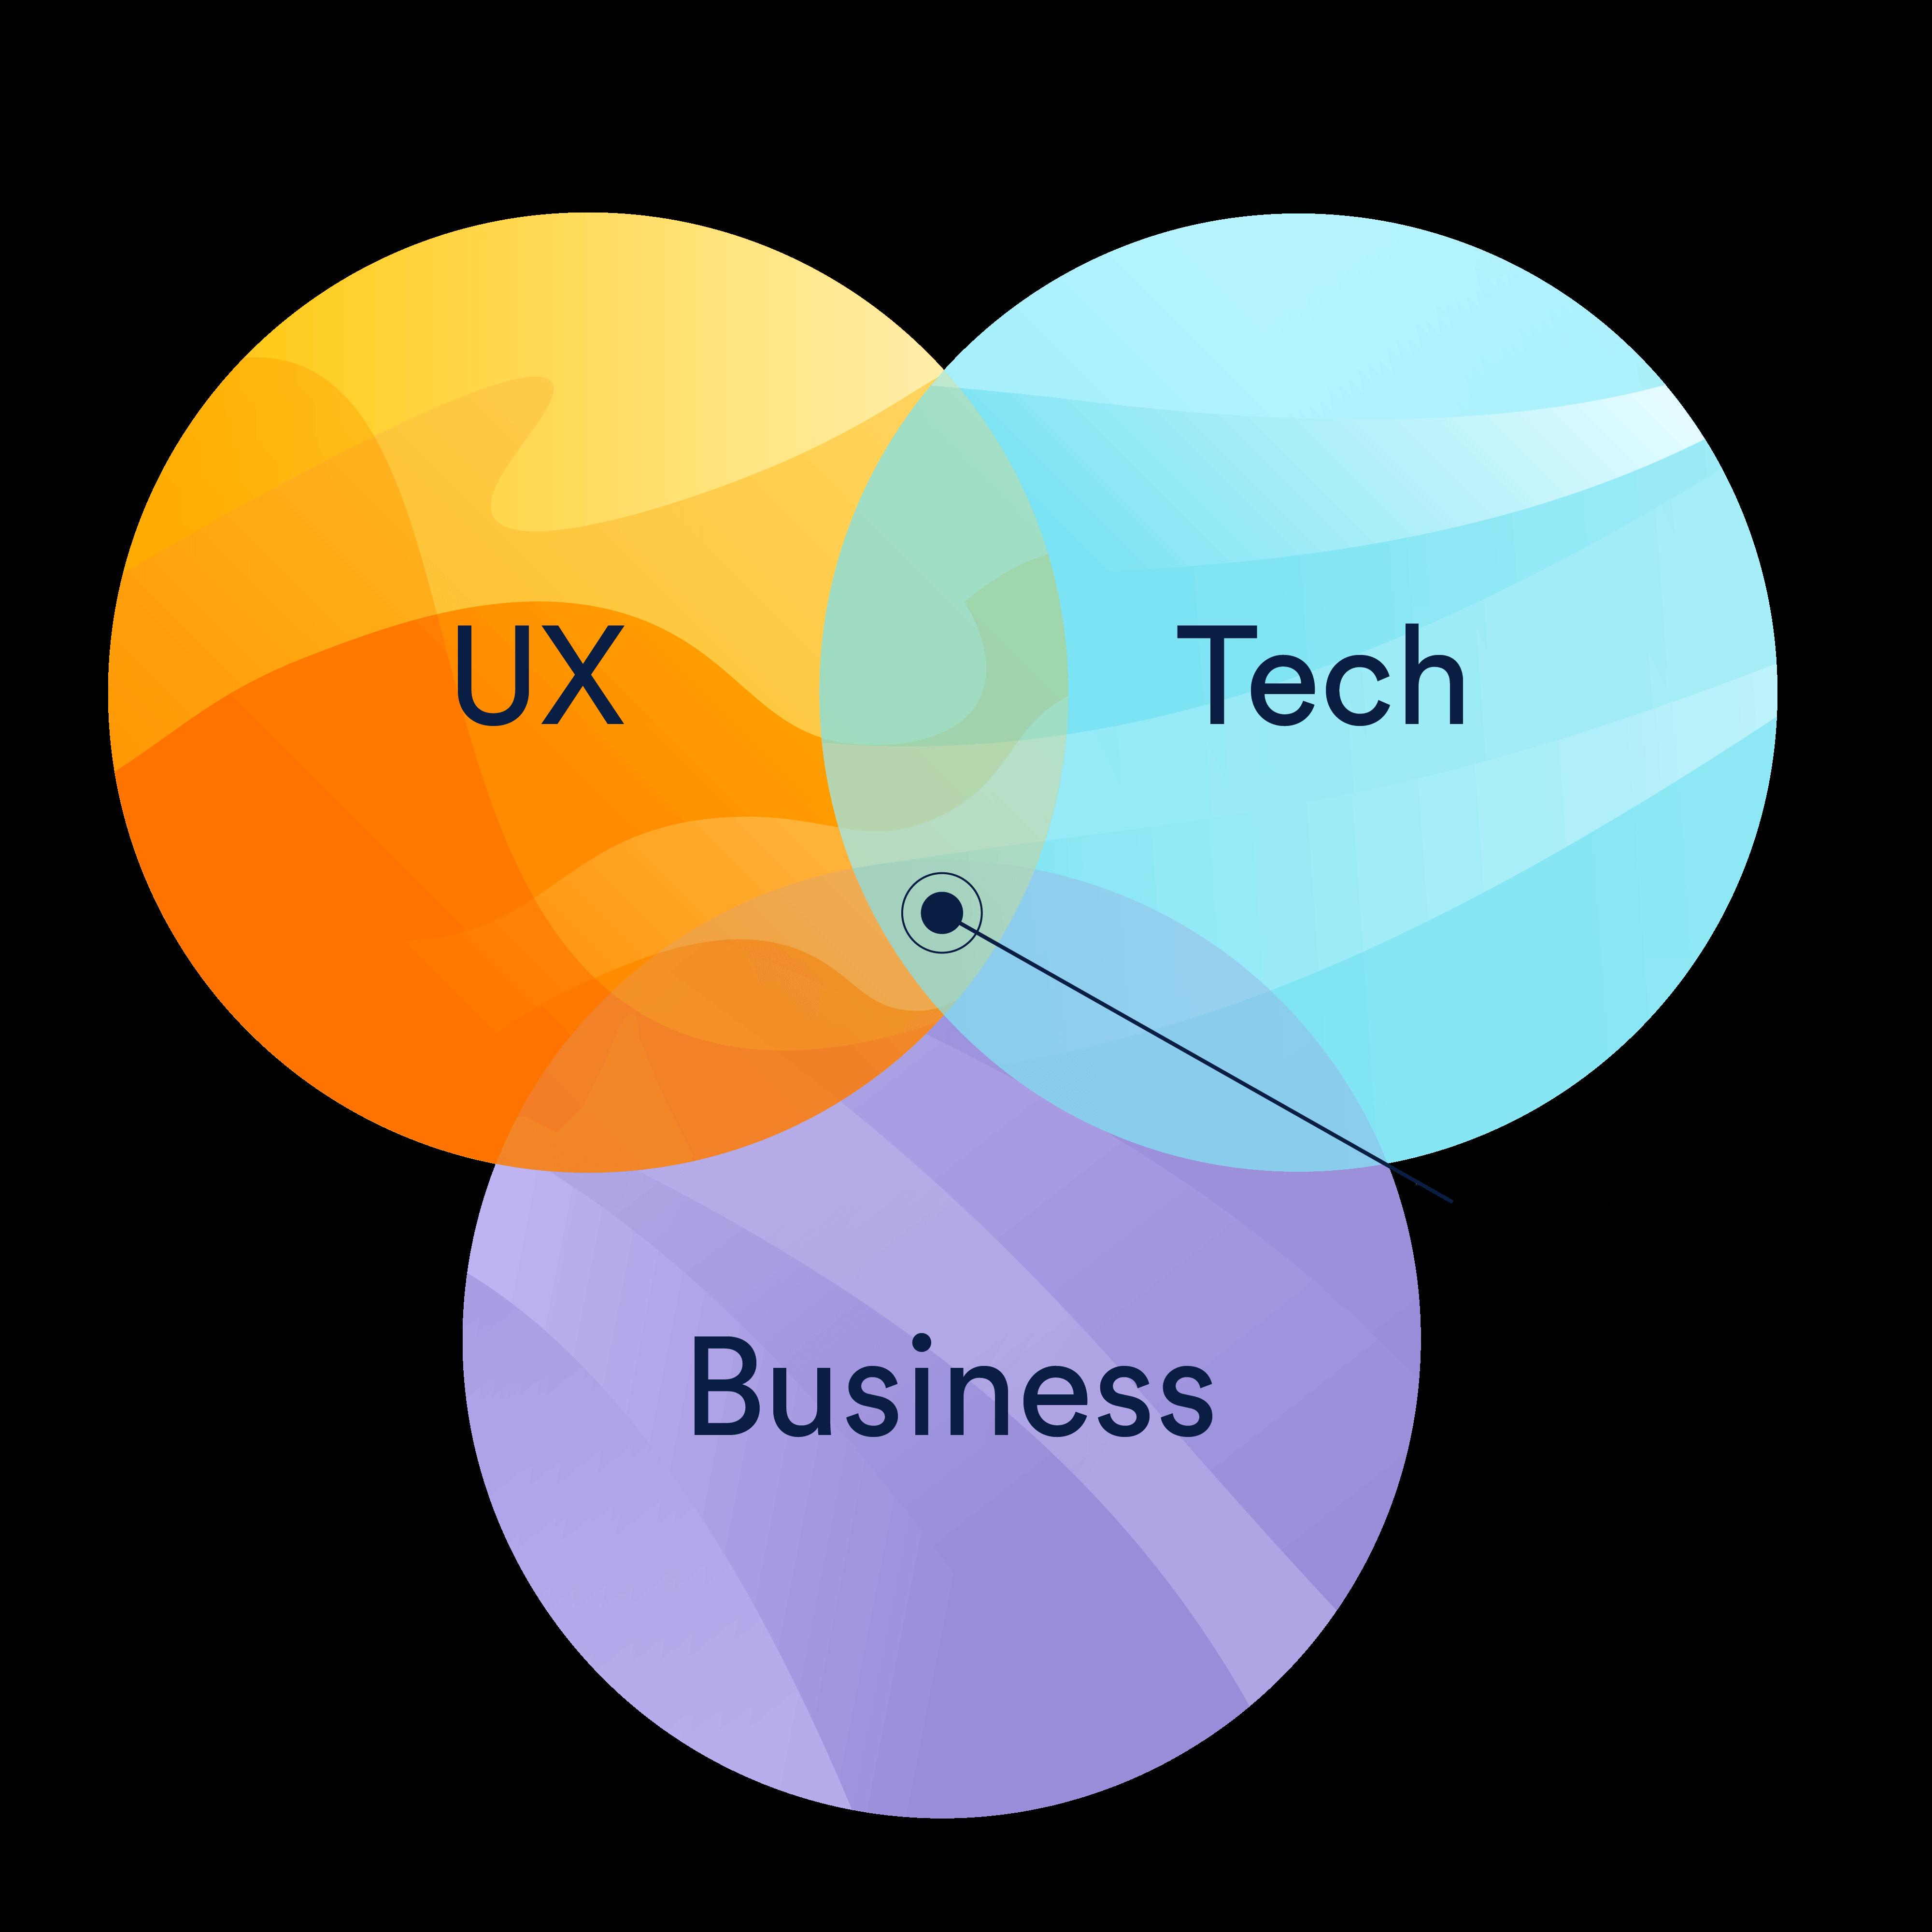 Martin Eriksson 氏による有名な説明では、製品管理をビジネス、ユーザー エクスペリエンス、テクノロジーの交差点だと説明しています。